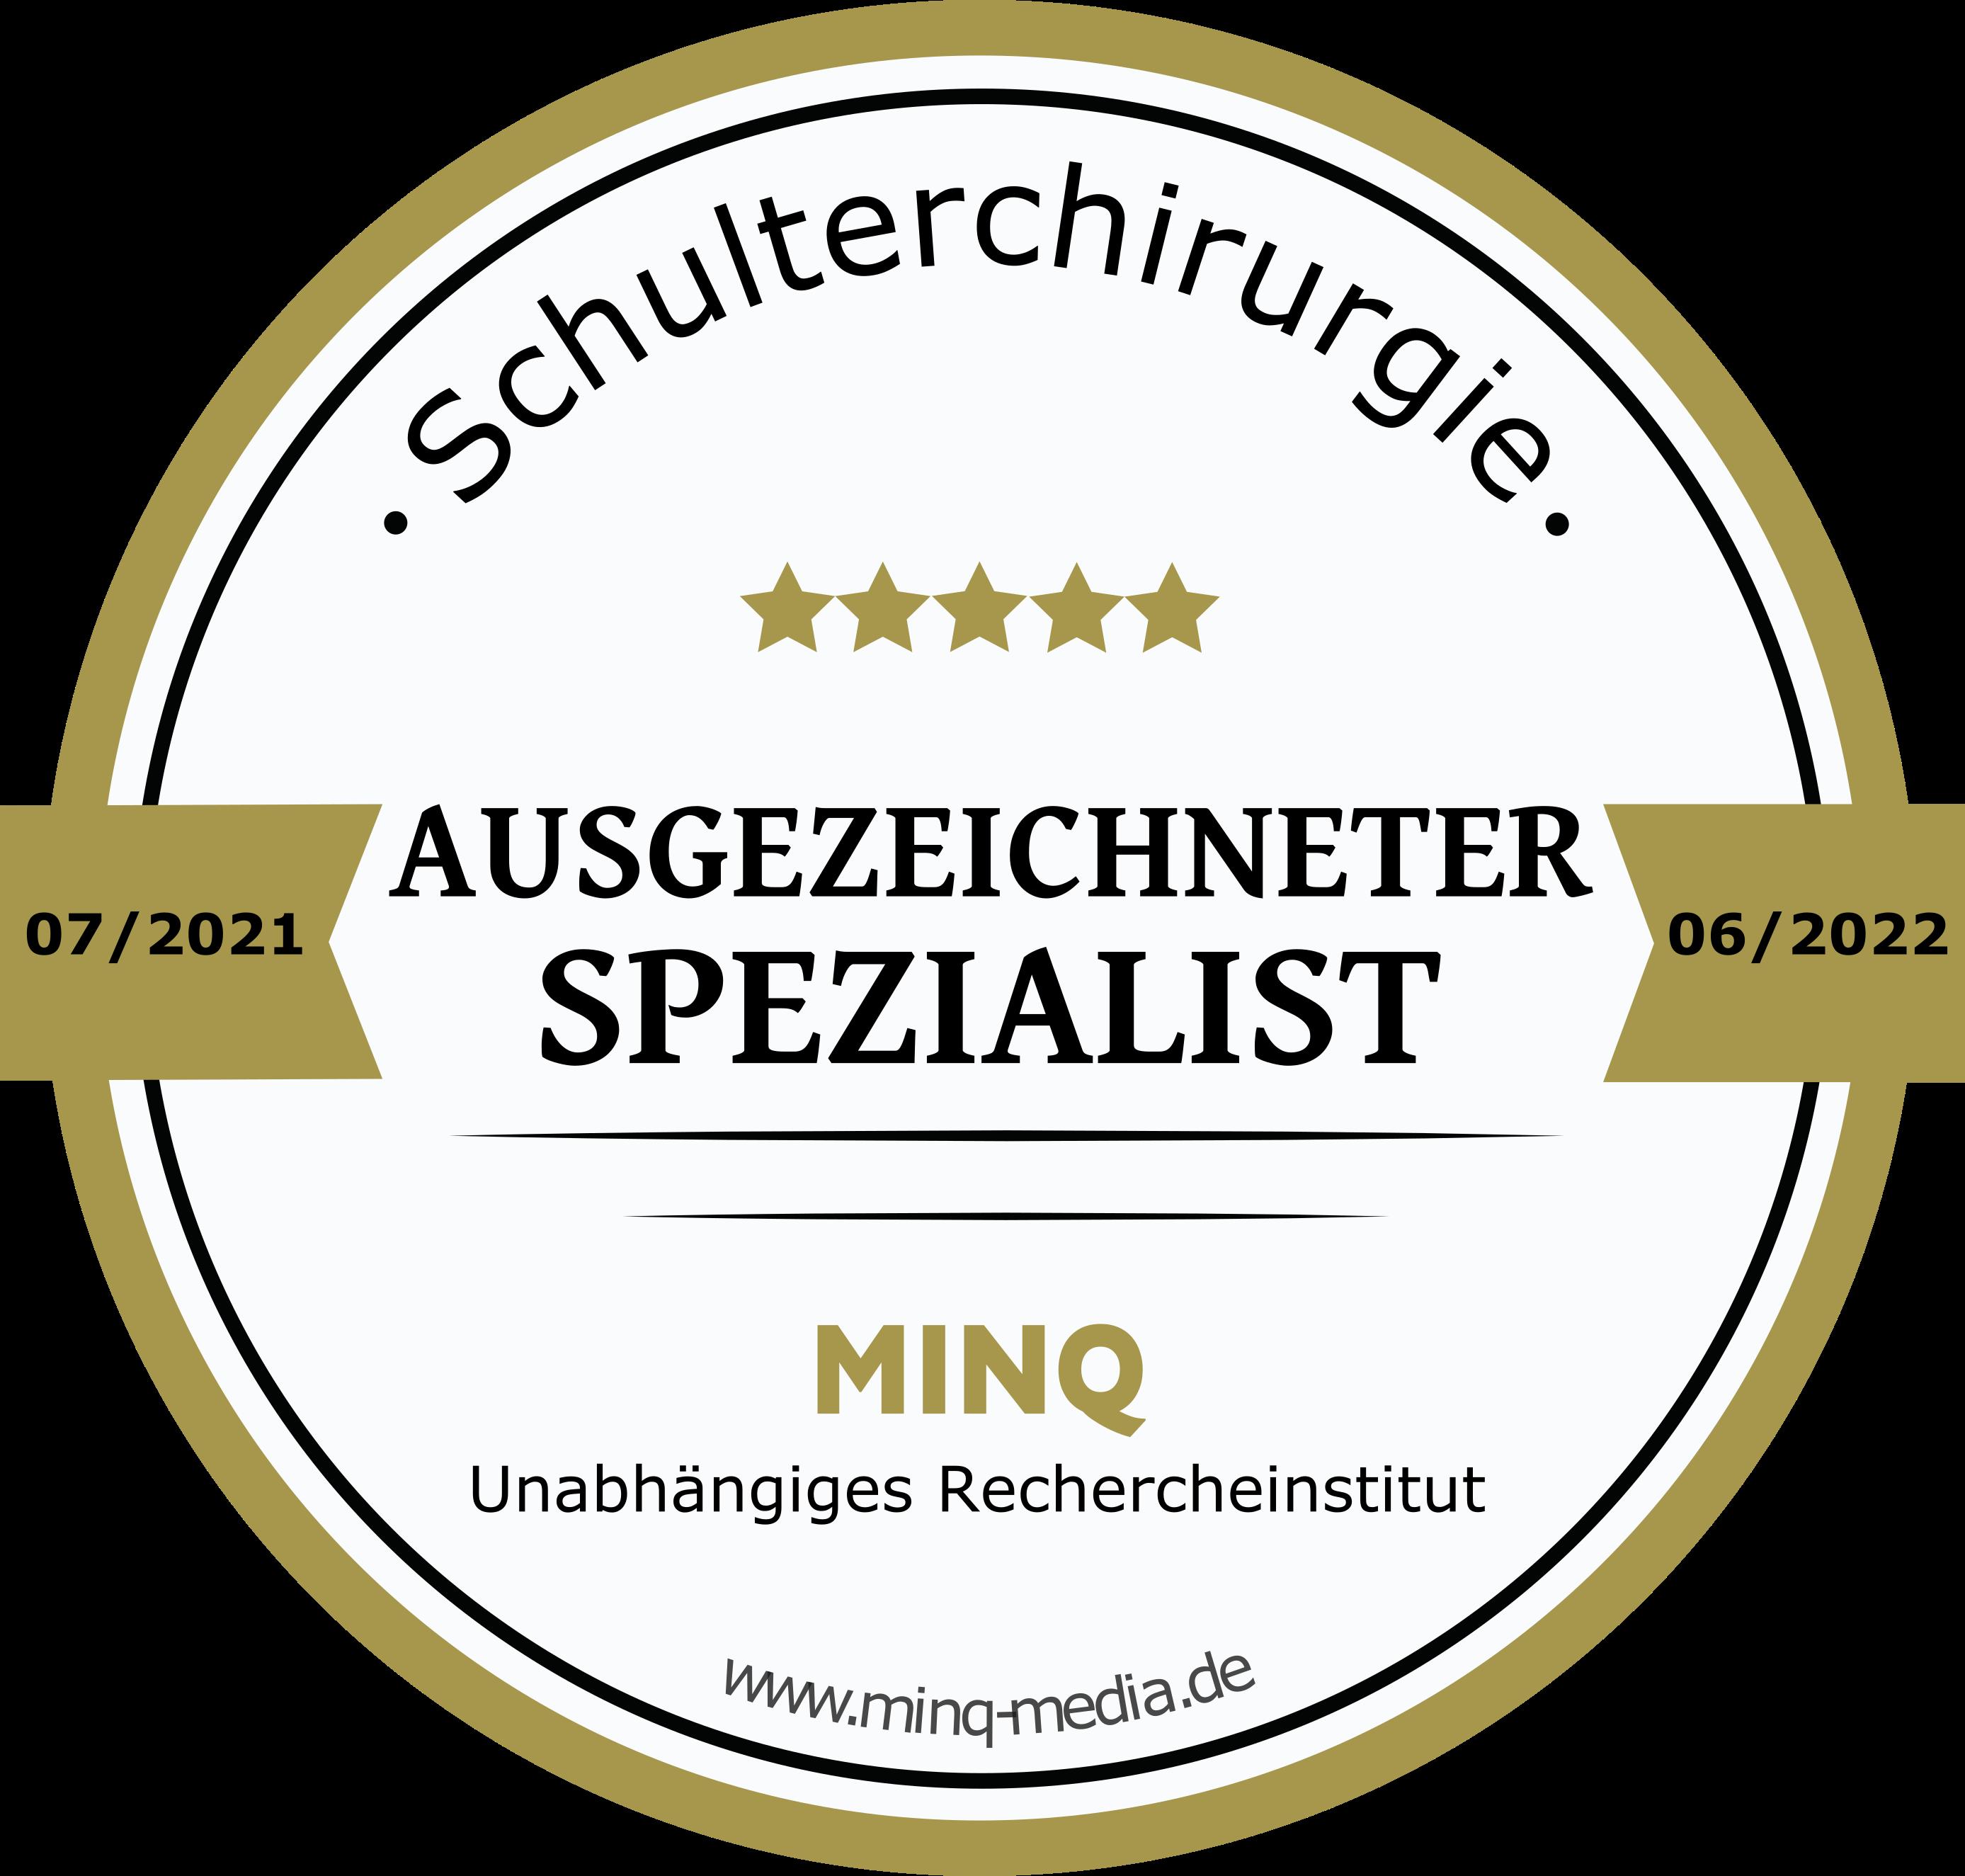 Schulterchirurgie - Prof. Tauber - Ausgezeichneter Spezialist - MINQ